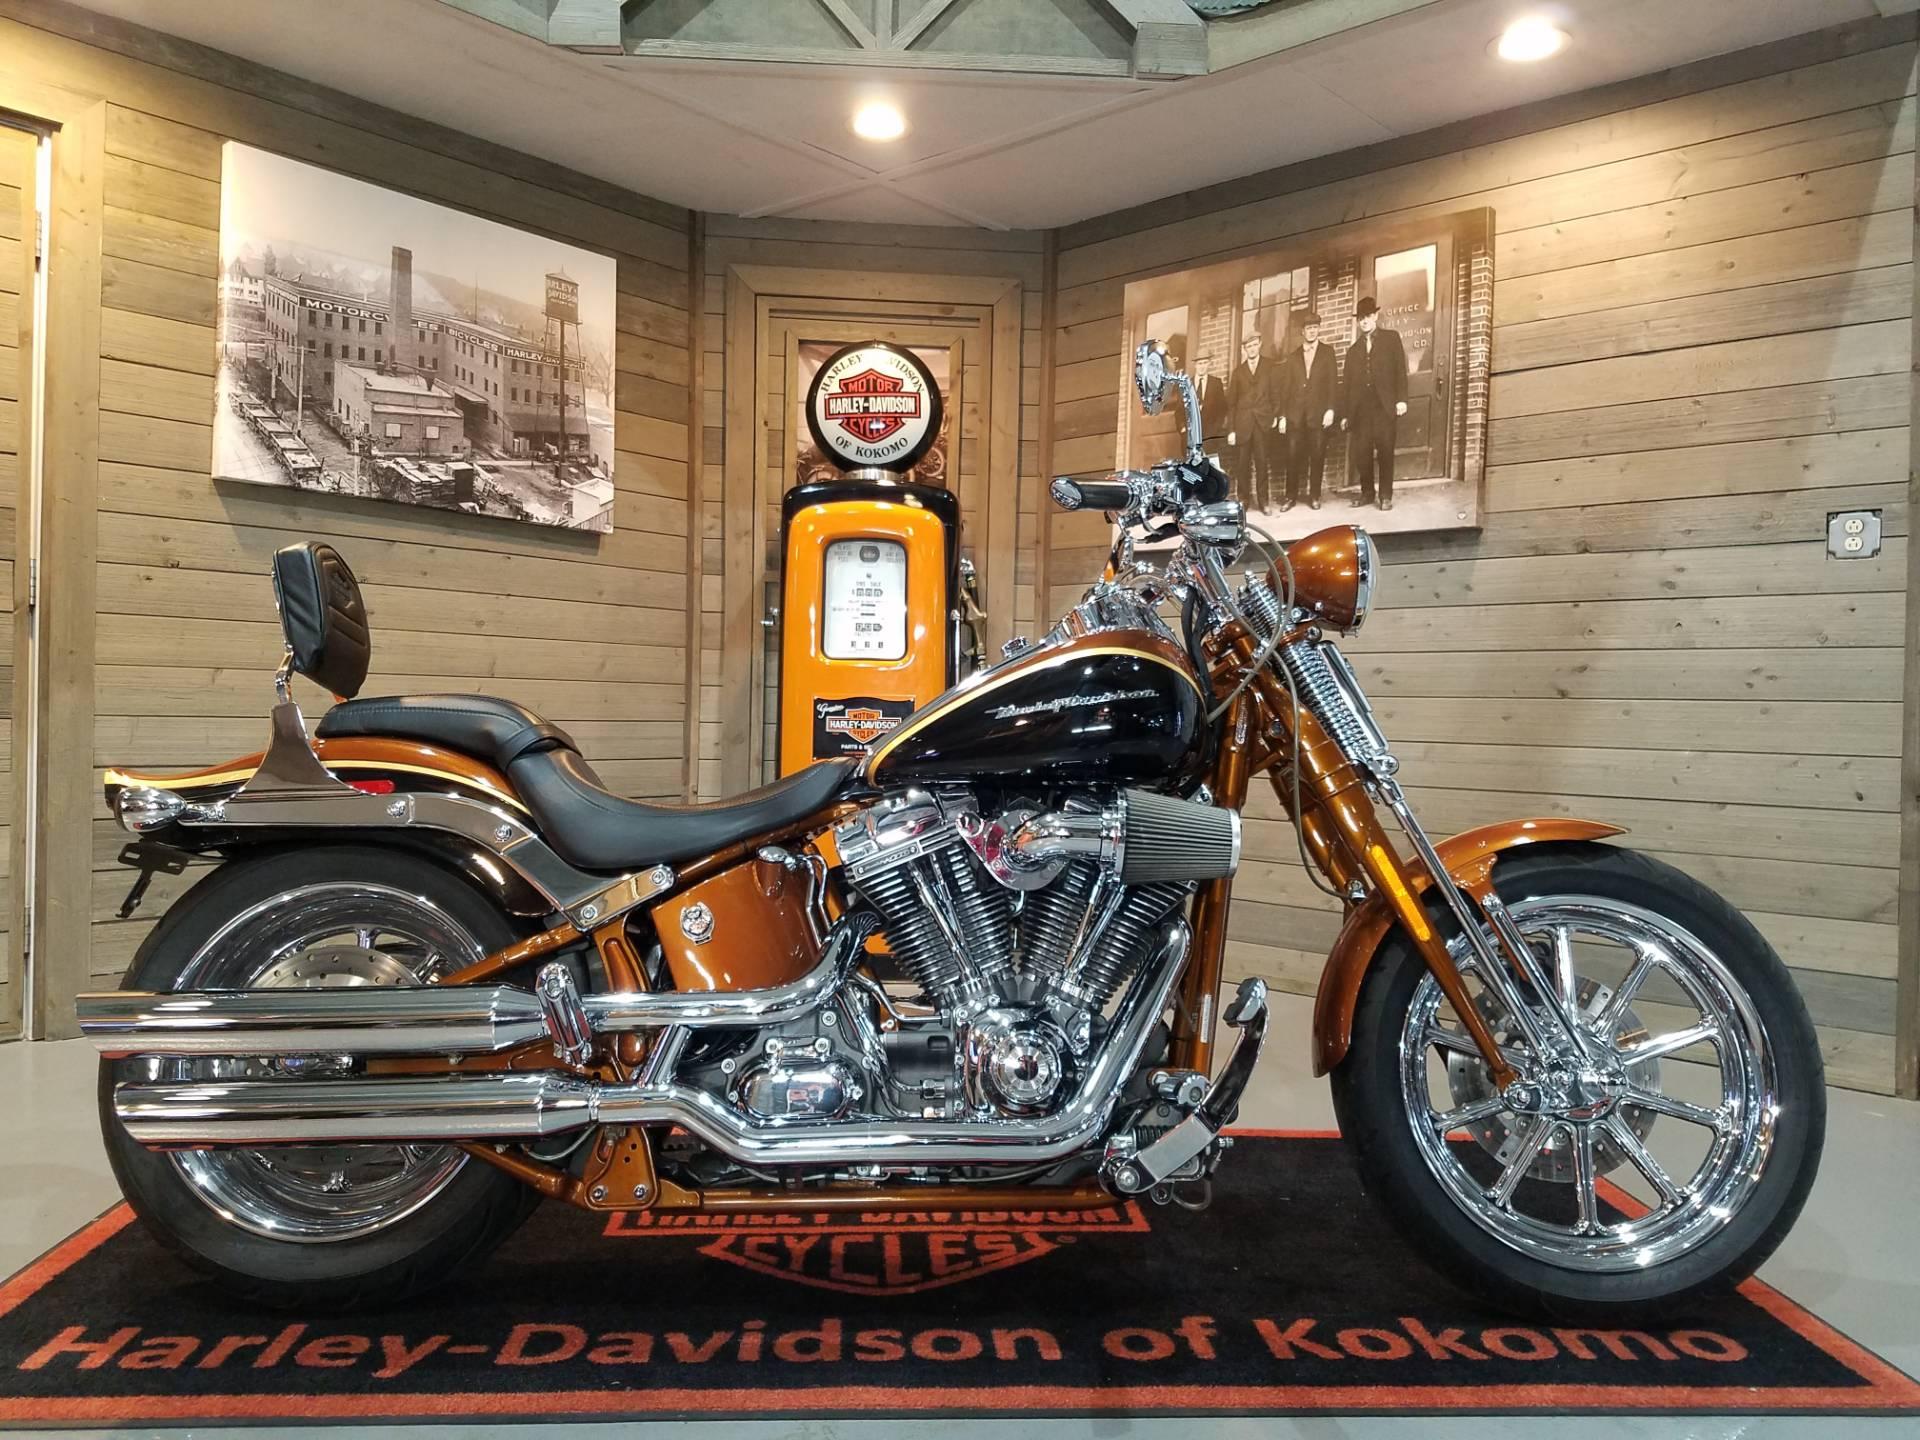 Harley Davidson Used >> 2008 Harley Davidson Cvo Screamin Eagle Softail Springer In Kokomo Indiana